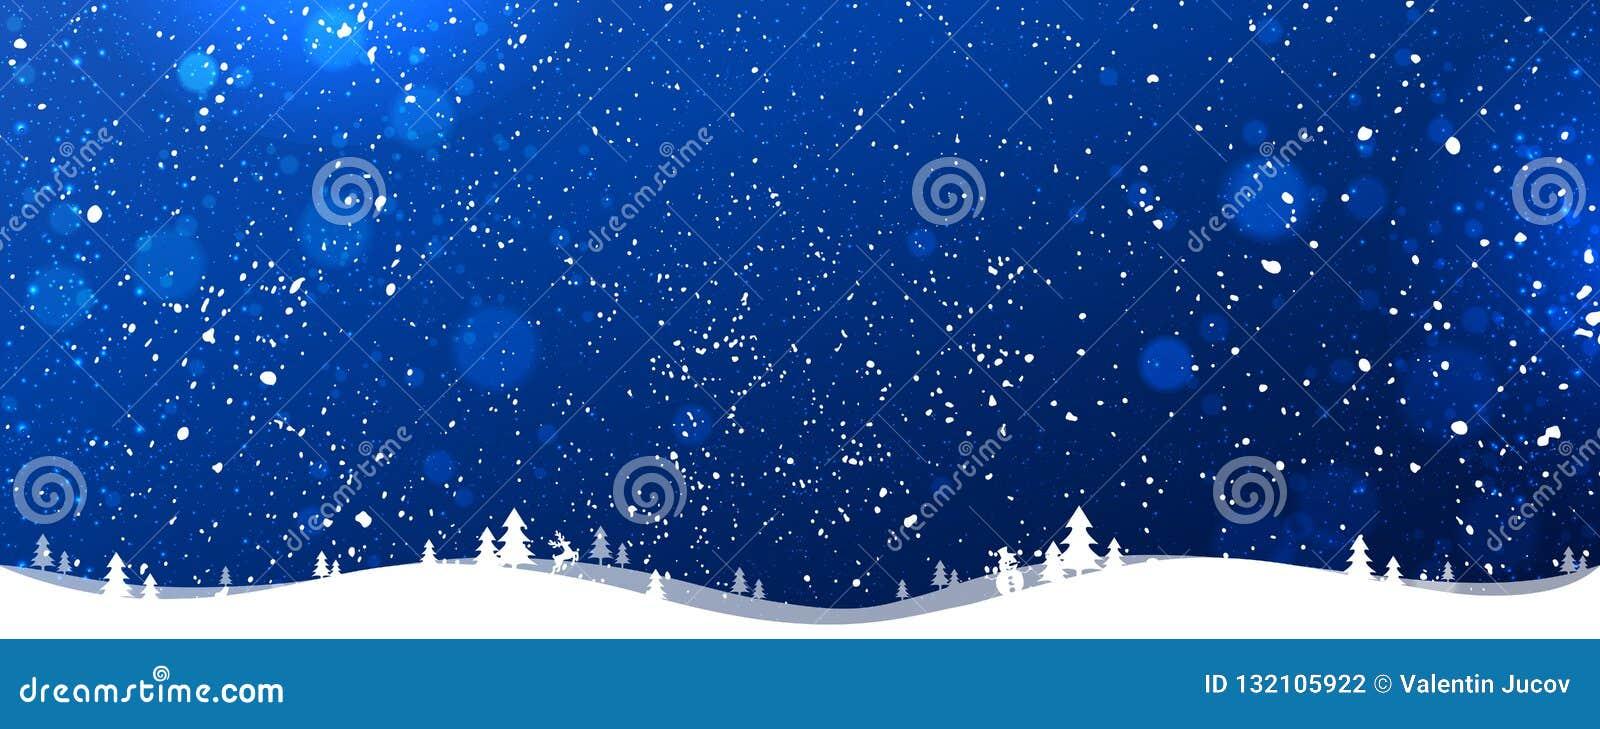 Μπλε υπόβαθρο χειμερινών Χριστουγέννων με snowflakes, φως, αστέρια νέο έτος Χριστουγέννων κα&rh